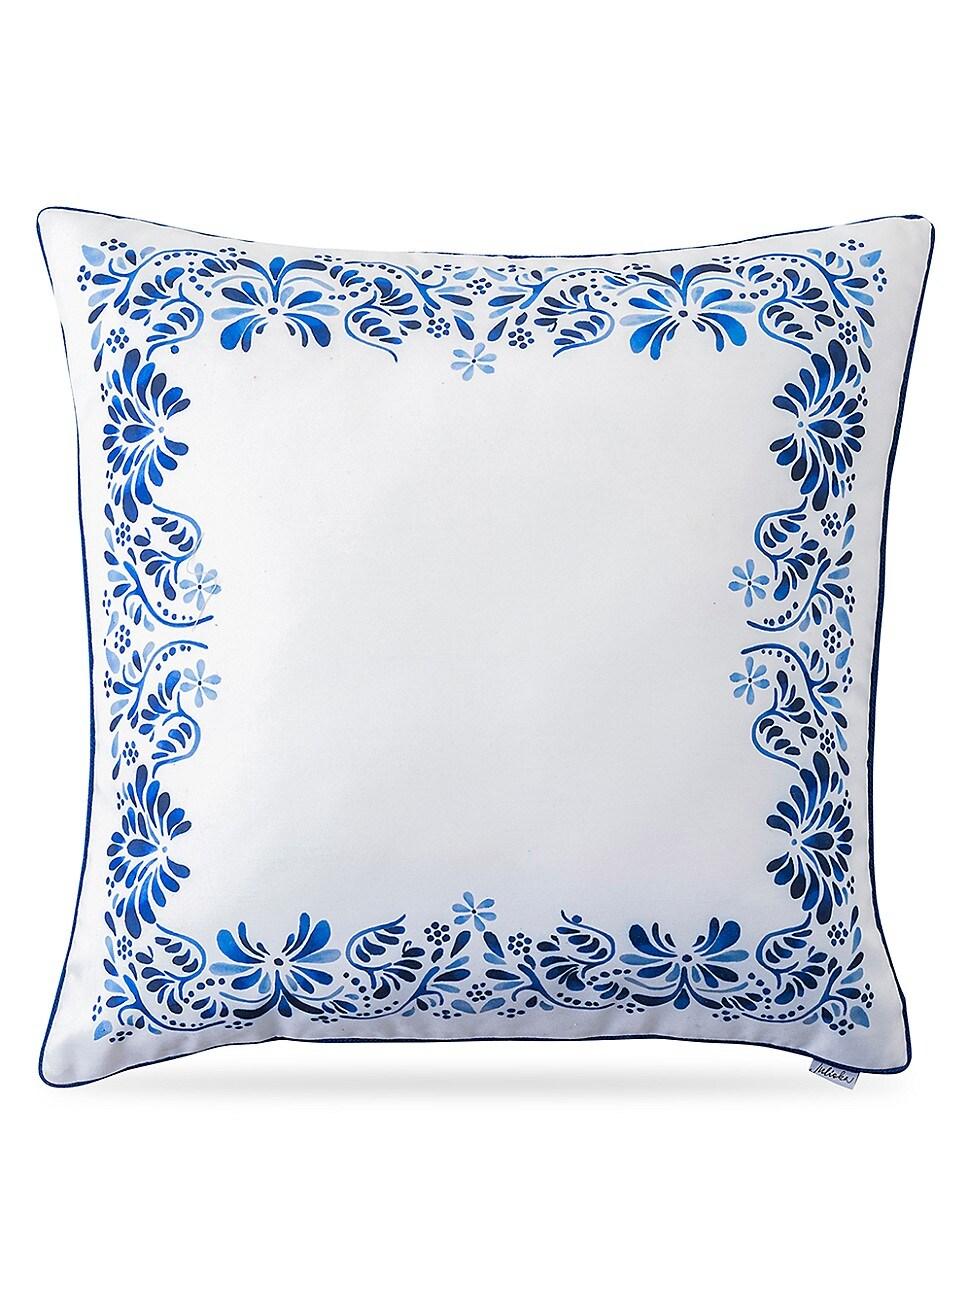 Juliska Pillows IBERIAN JOURNEY BORDER PILLOW